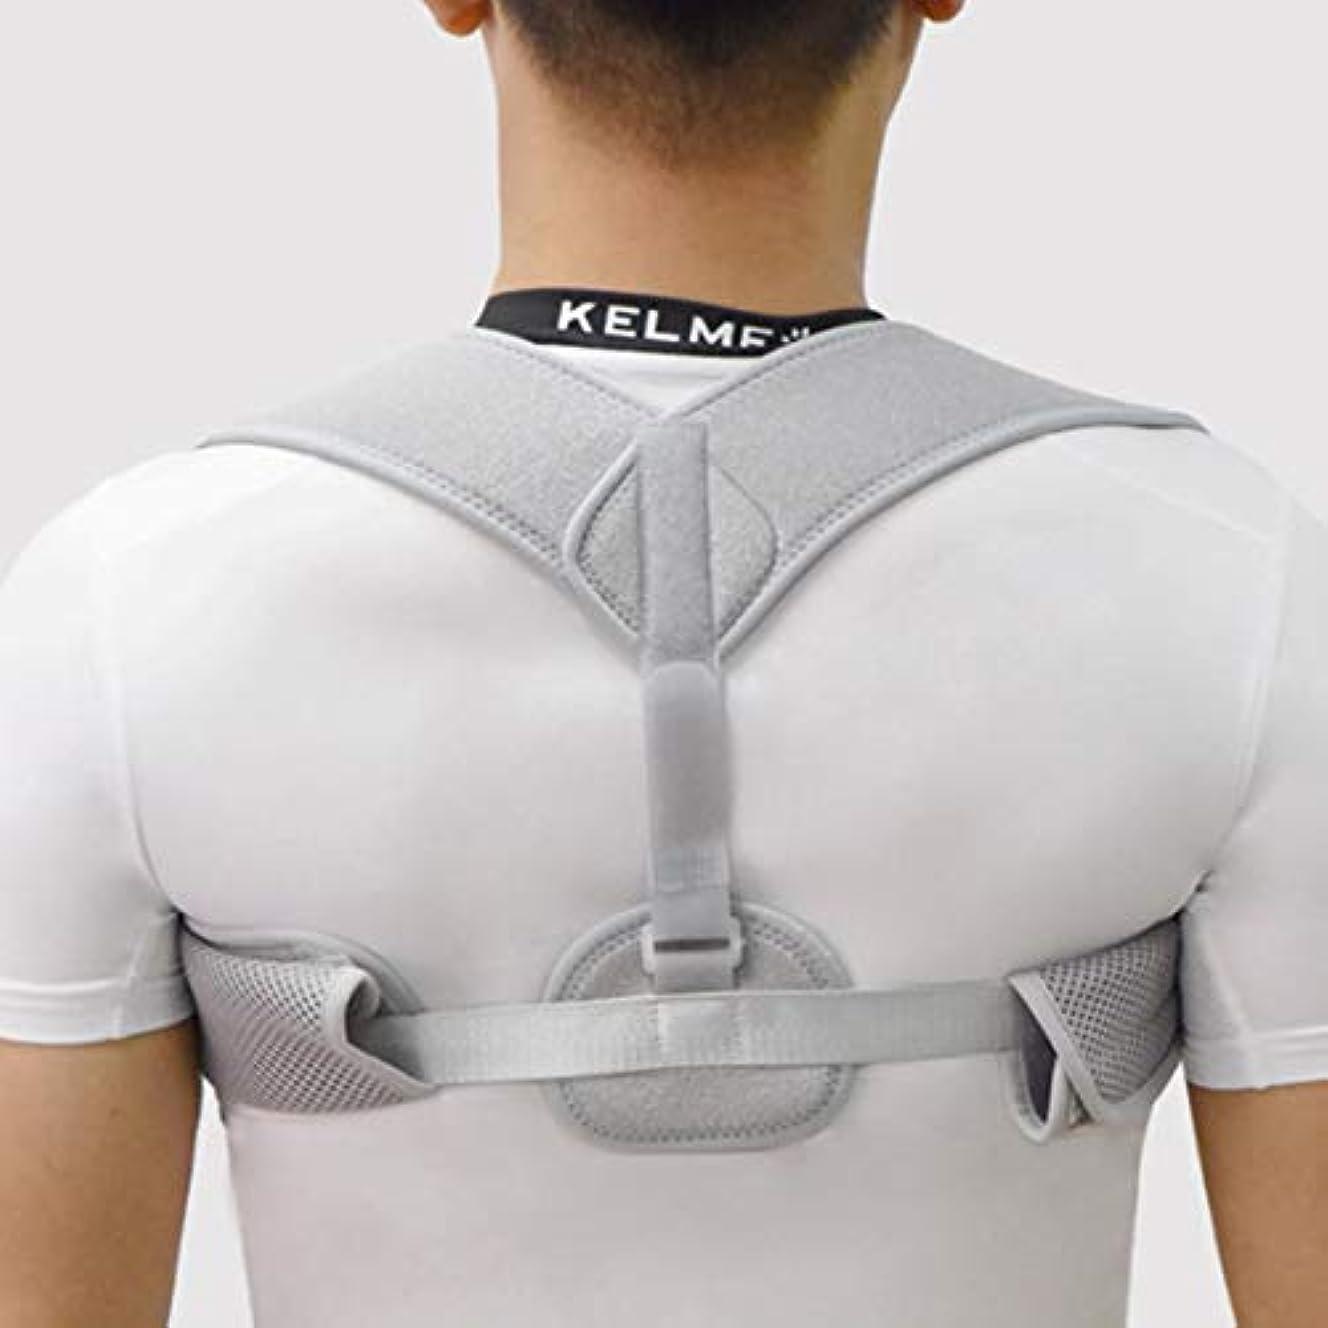 リズミカルなファッション区新しいアッパーバックポスチャーコレクター姿勢鎖骨サポートコレクターバックストレート肩ブレースストラップコレクター耐久性 - グレー